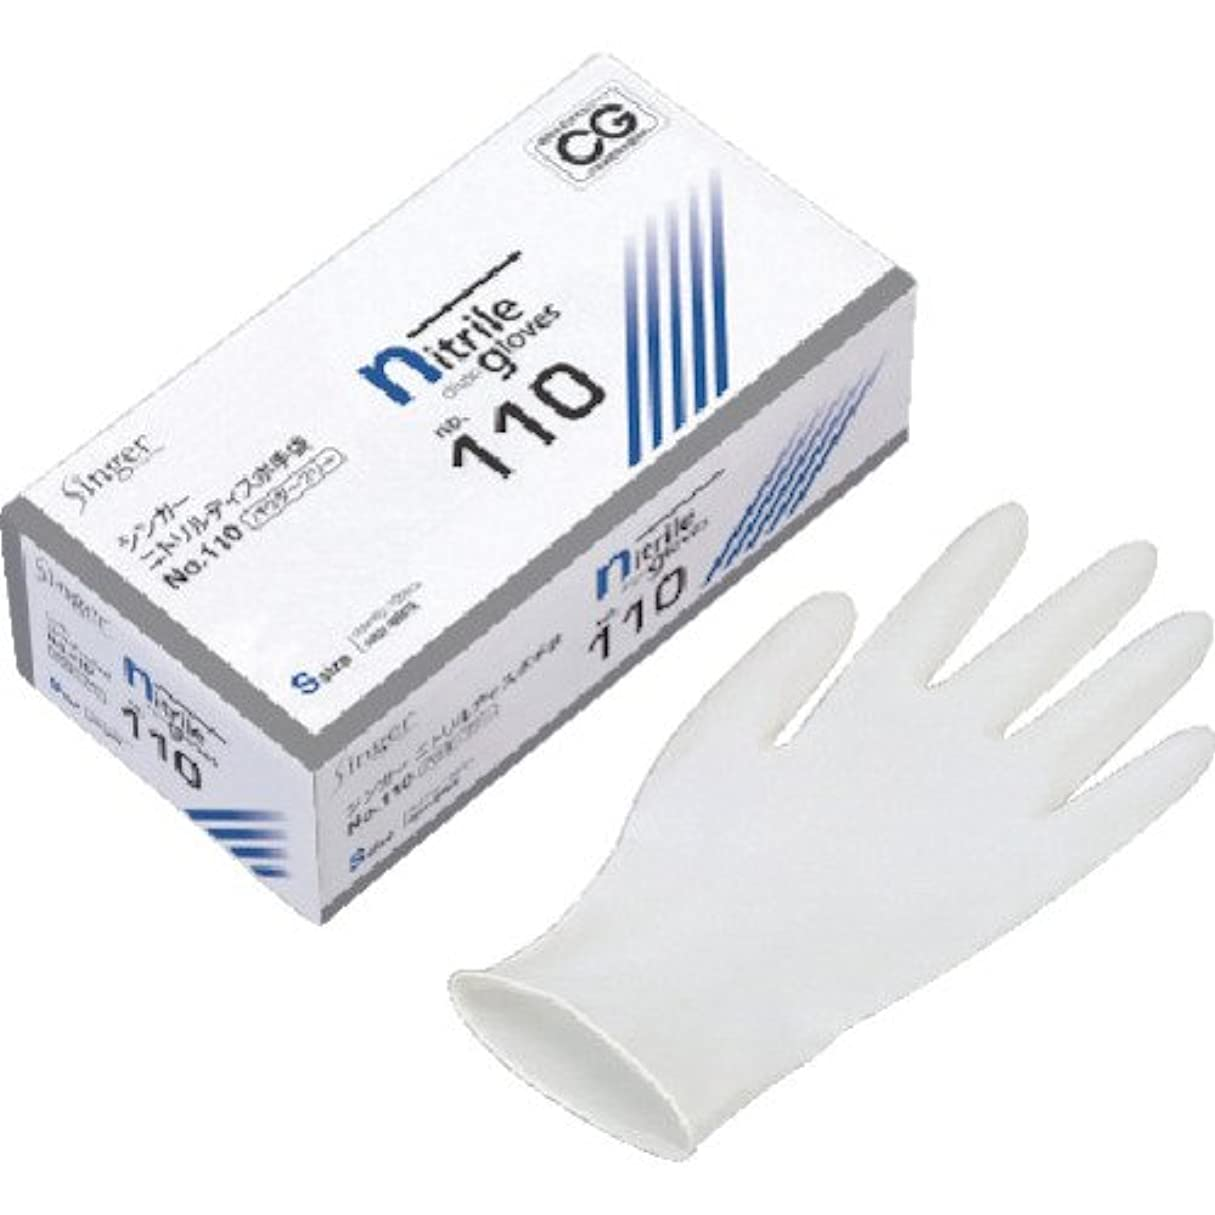 悔い改める説明する起点シンガーニトリルディスポ手袋 No.110 ホワイト パウダーフリー(100枚) S